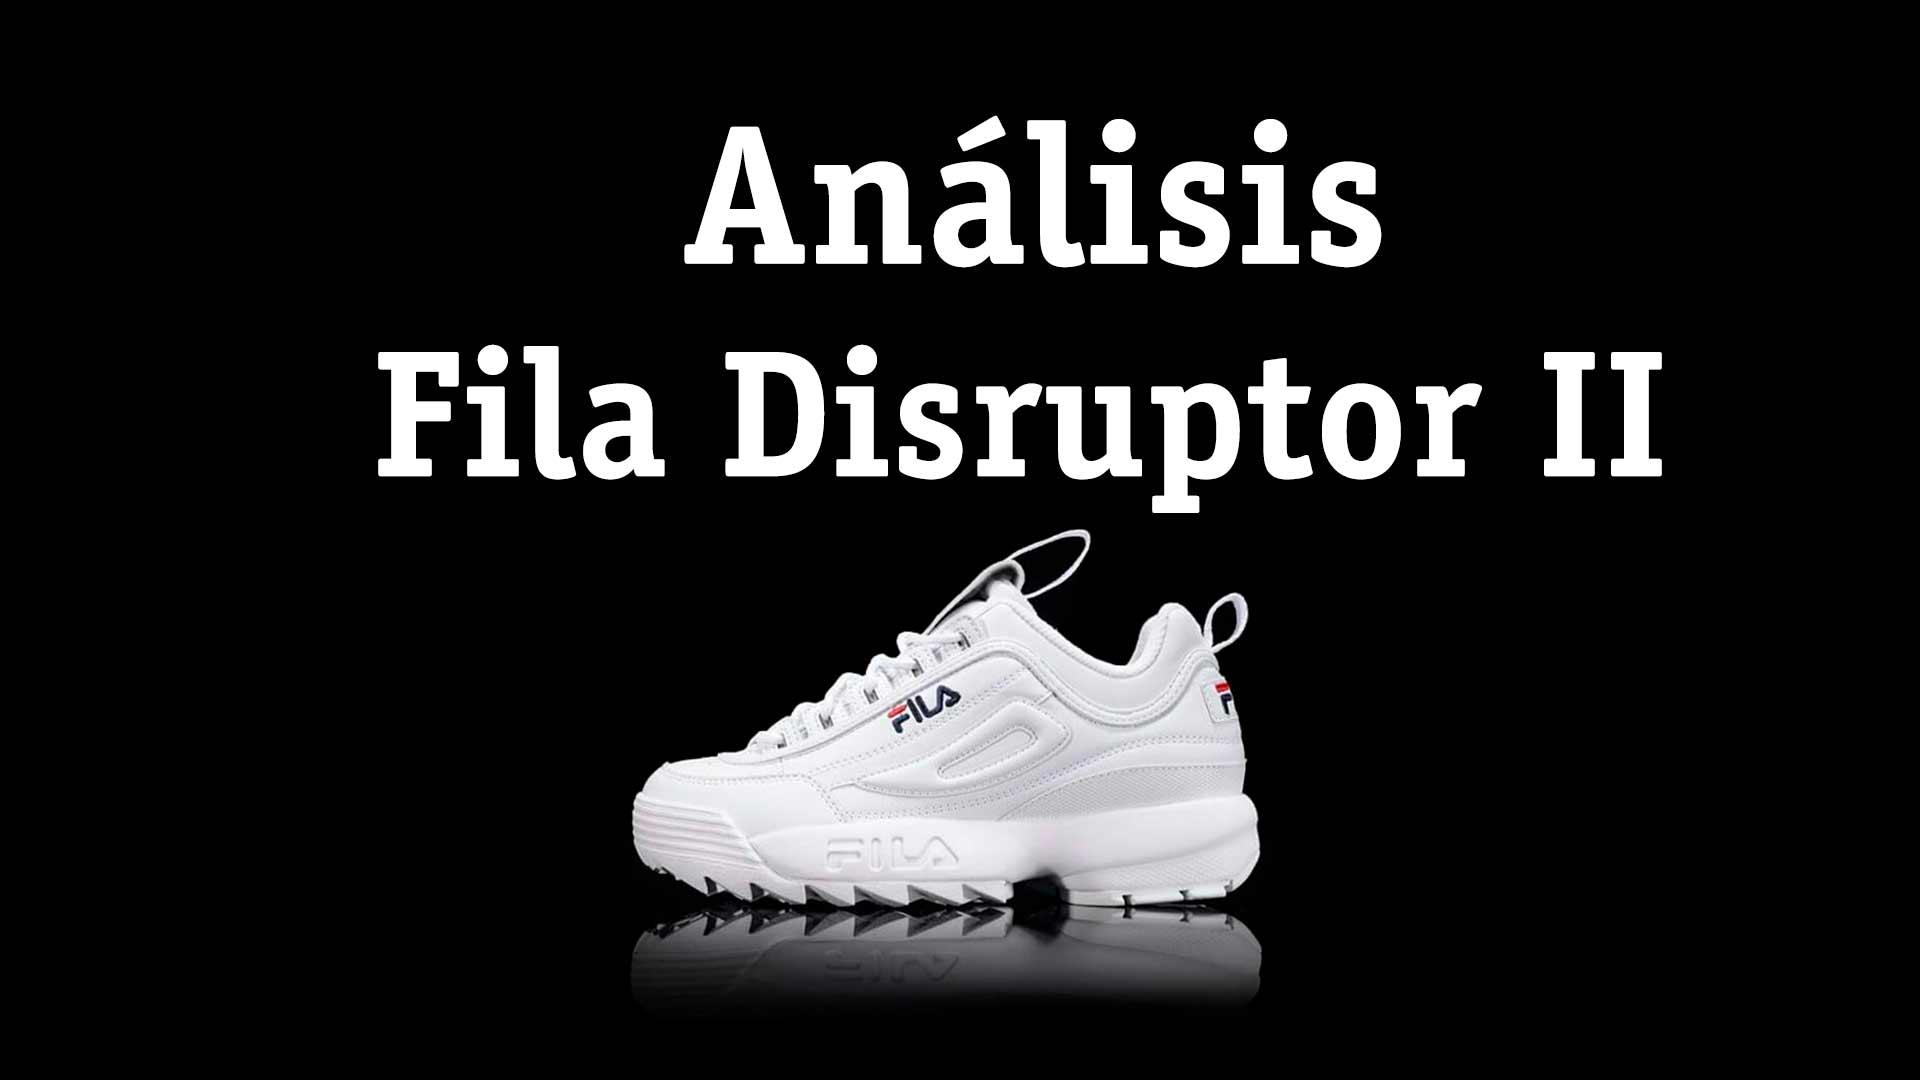 244472ee 👟 Zapatillas【Fila Disruptor II Blancas】» Análisis, consejos y ofertas ✅